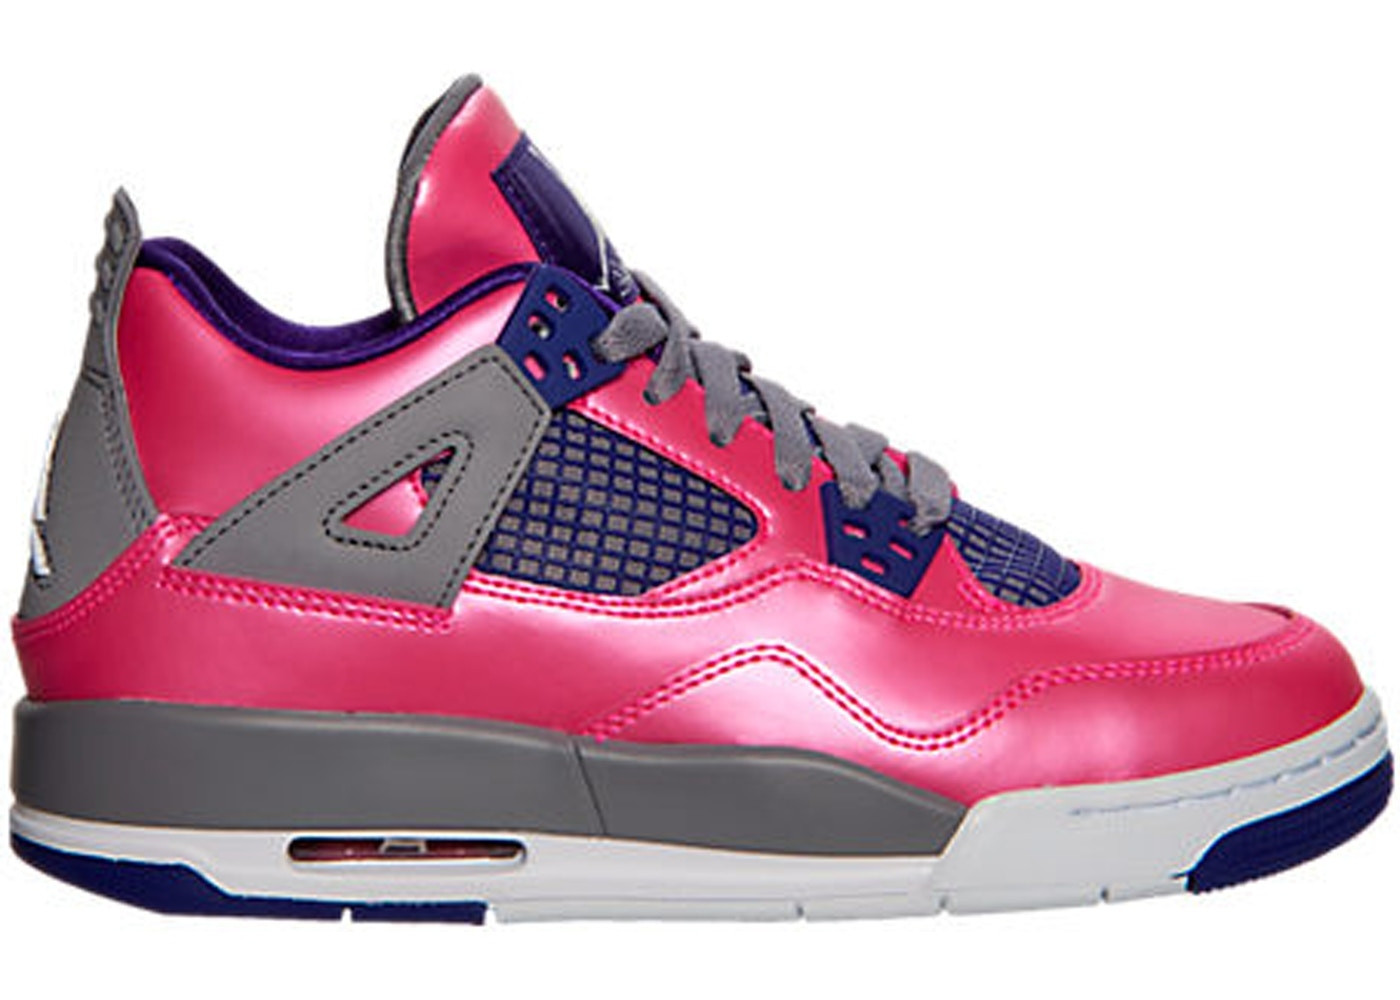 100% authentic d39ed dfe13 More Views. Air Jordan